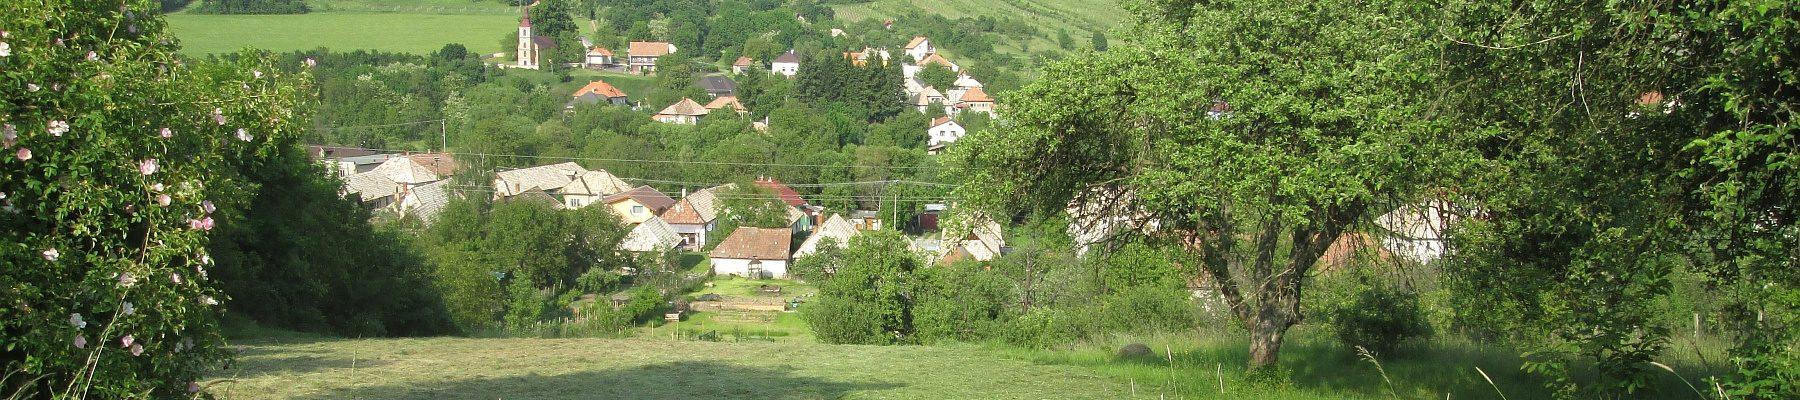 Záhrada v kopci